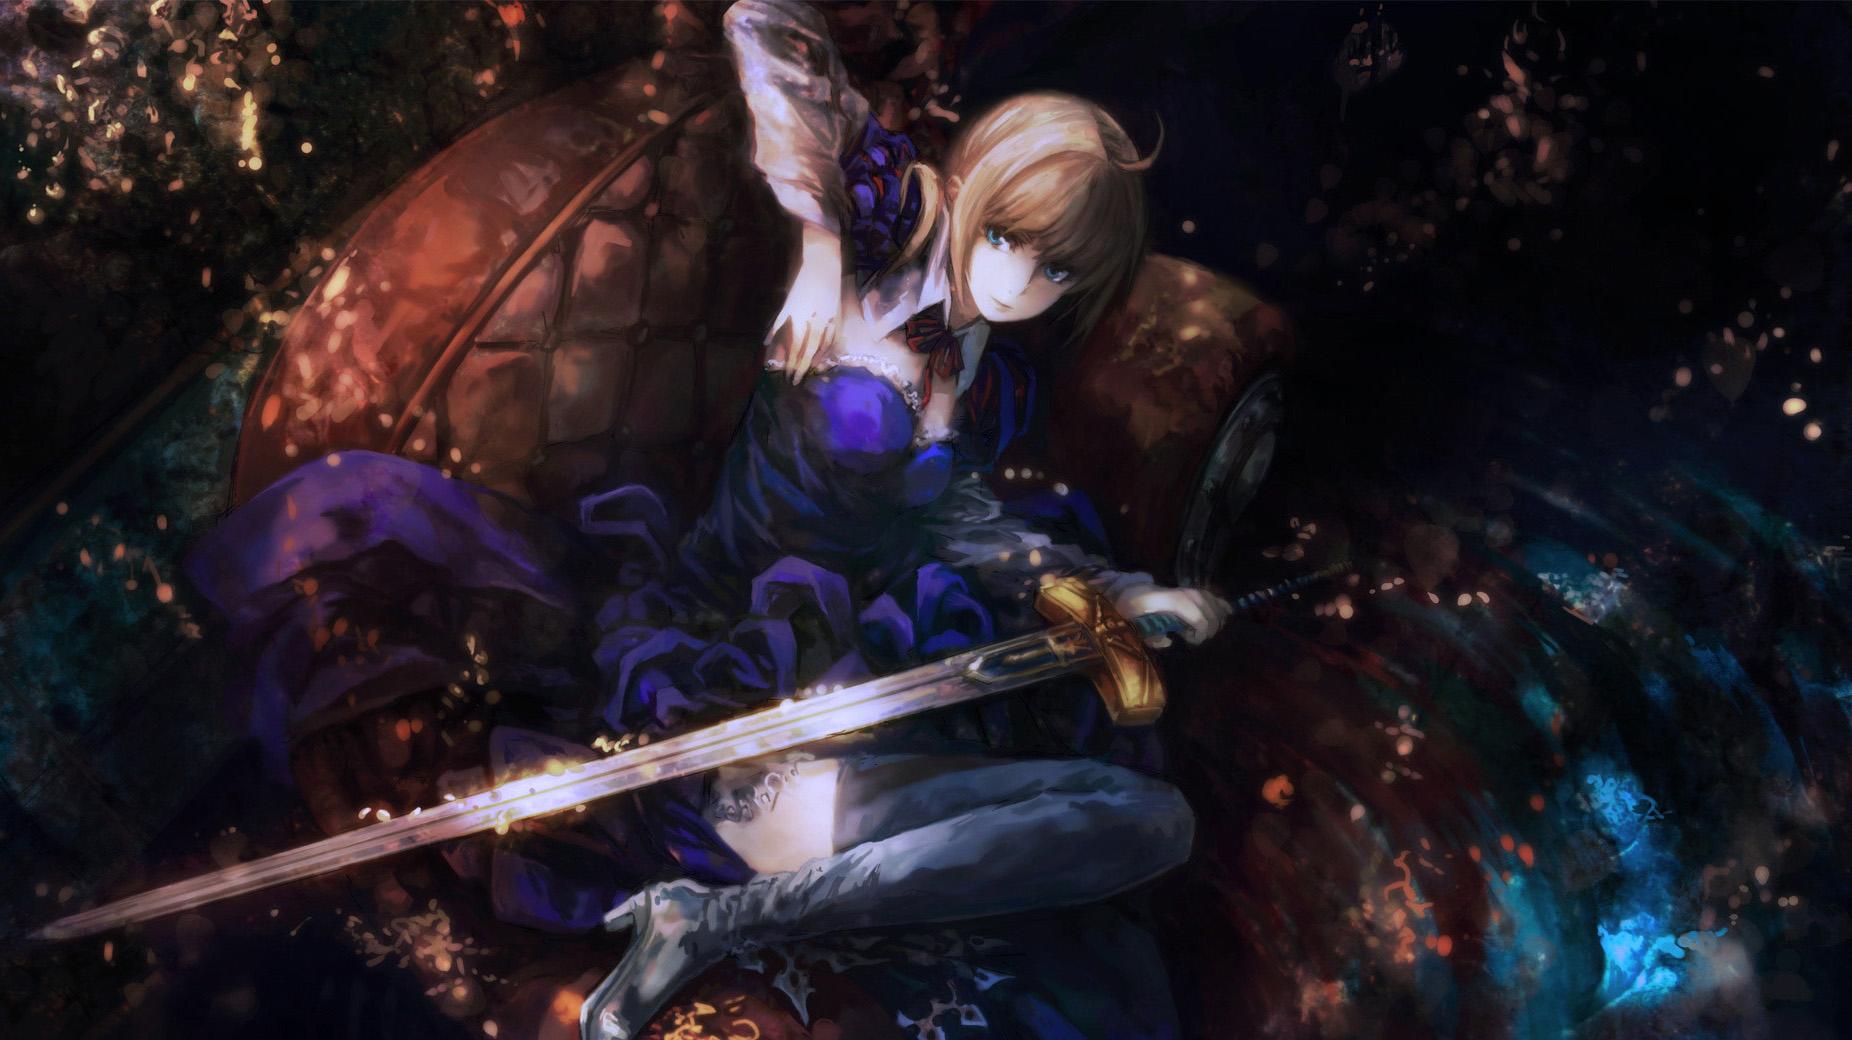 Cute Saber Fate Zero Wallpaper HD 1852x1040